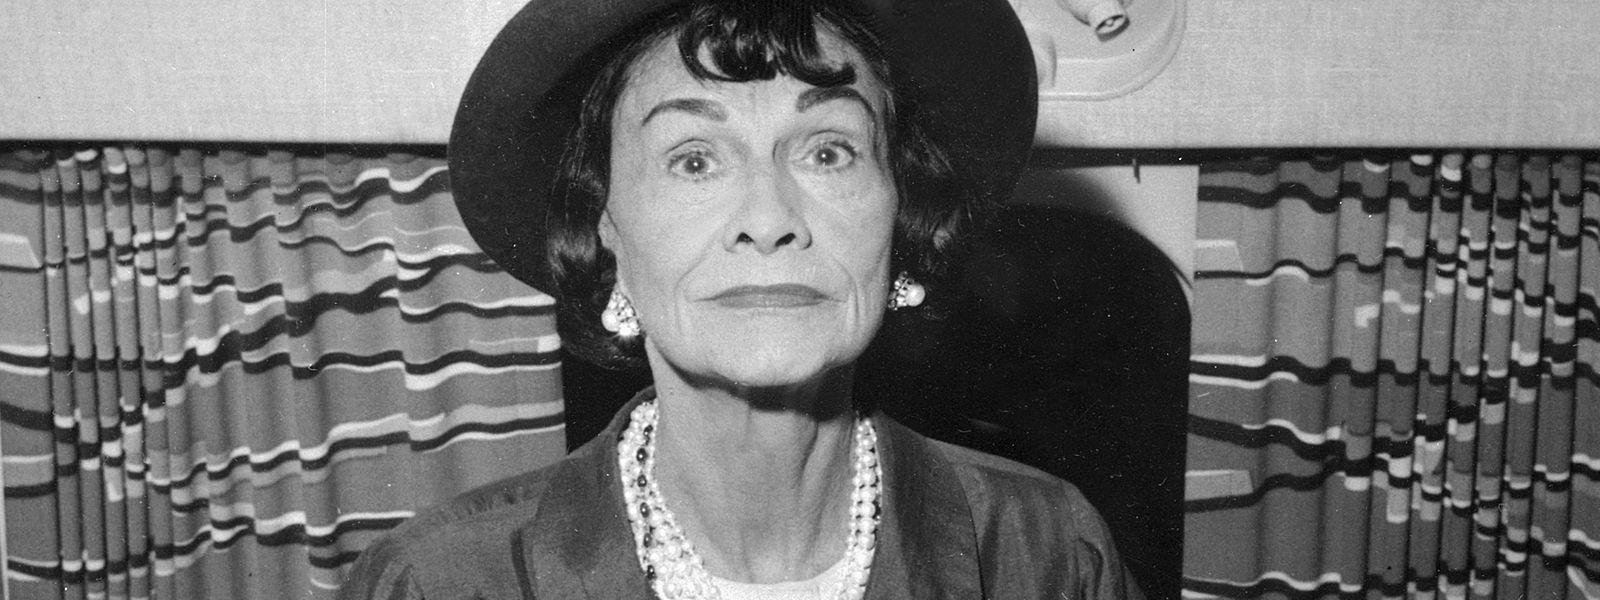 Zeitdokument aus dem Jahr 1960: Coco Chanel am Flughafen in Paris.